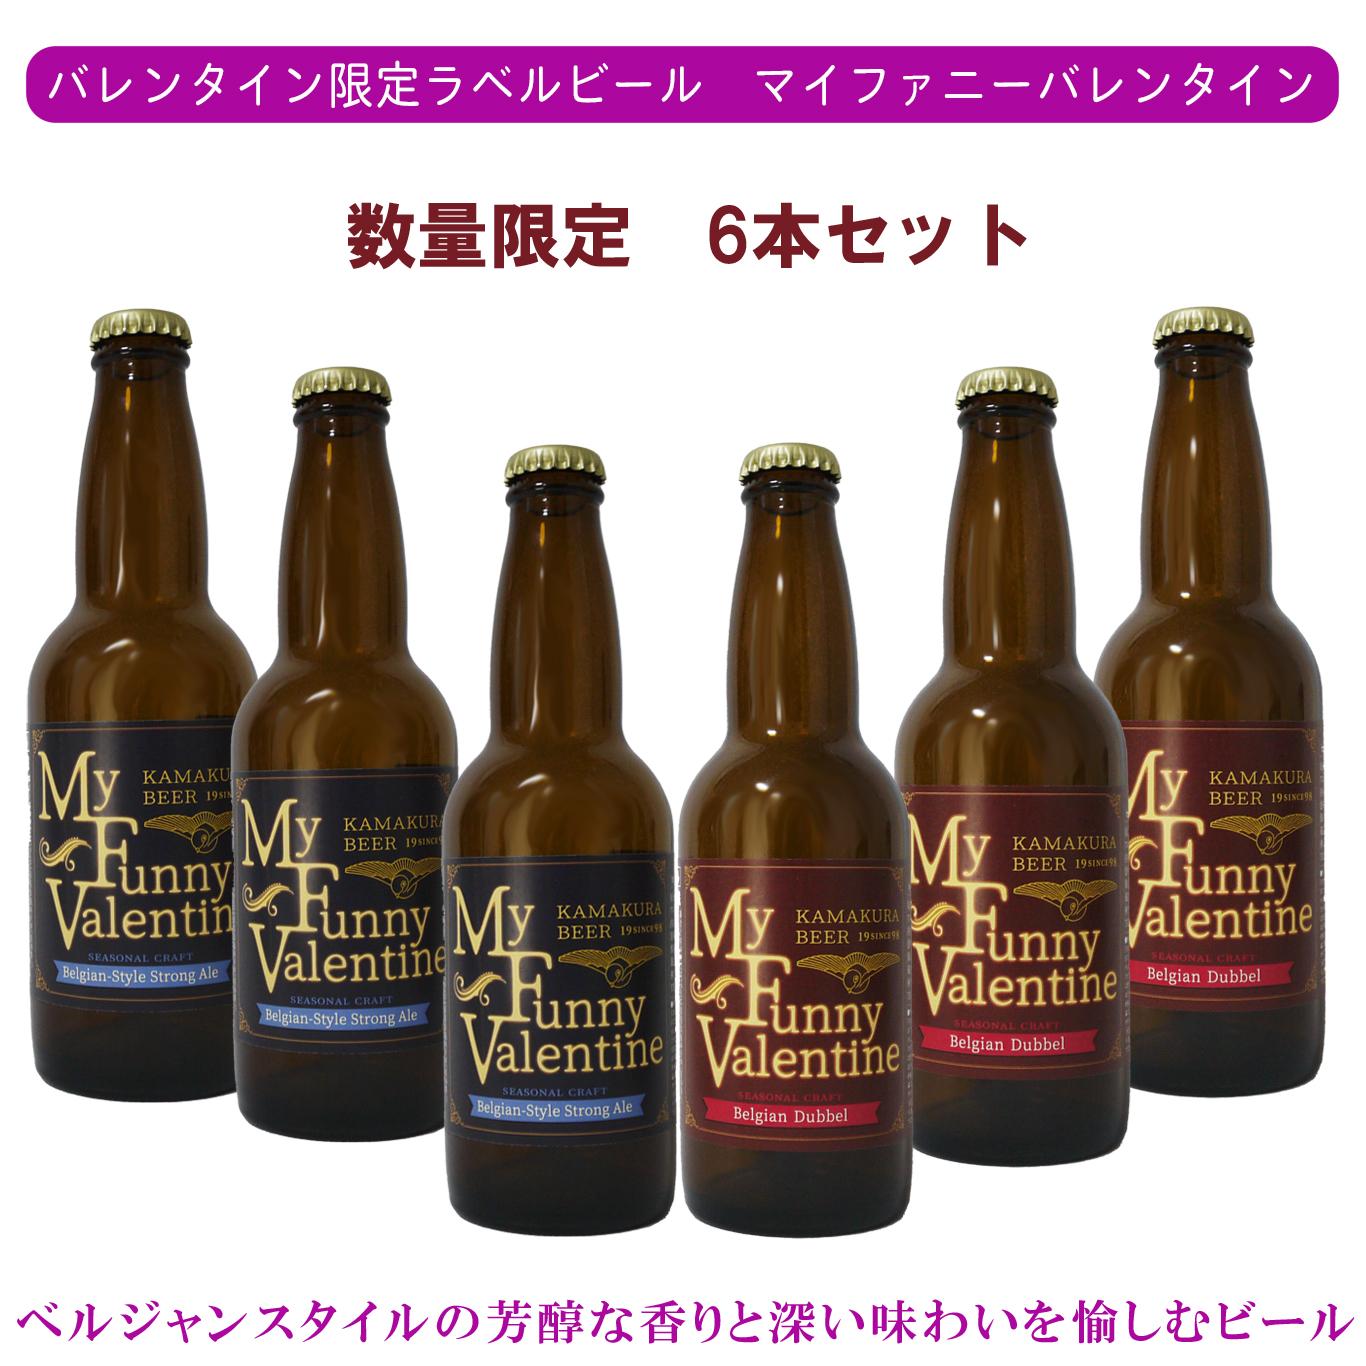 鎌倉ビールバレンタインビール2021